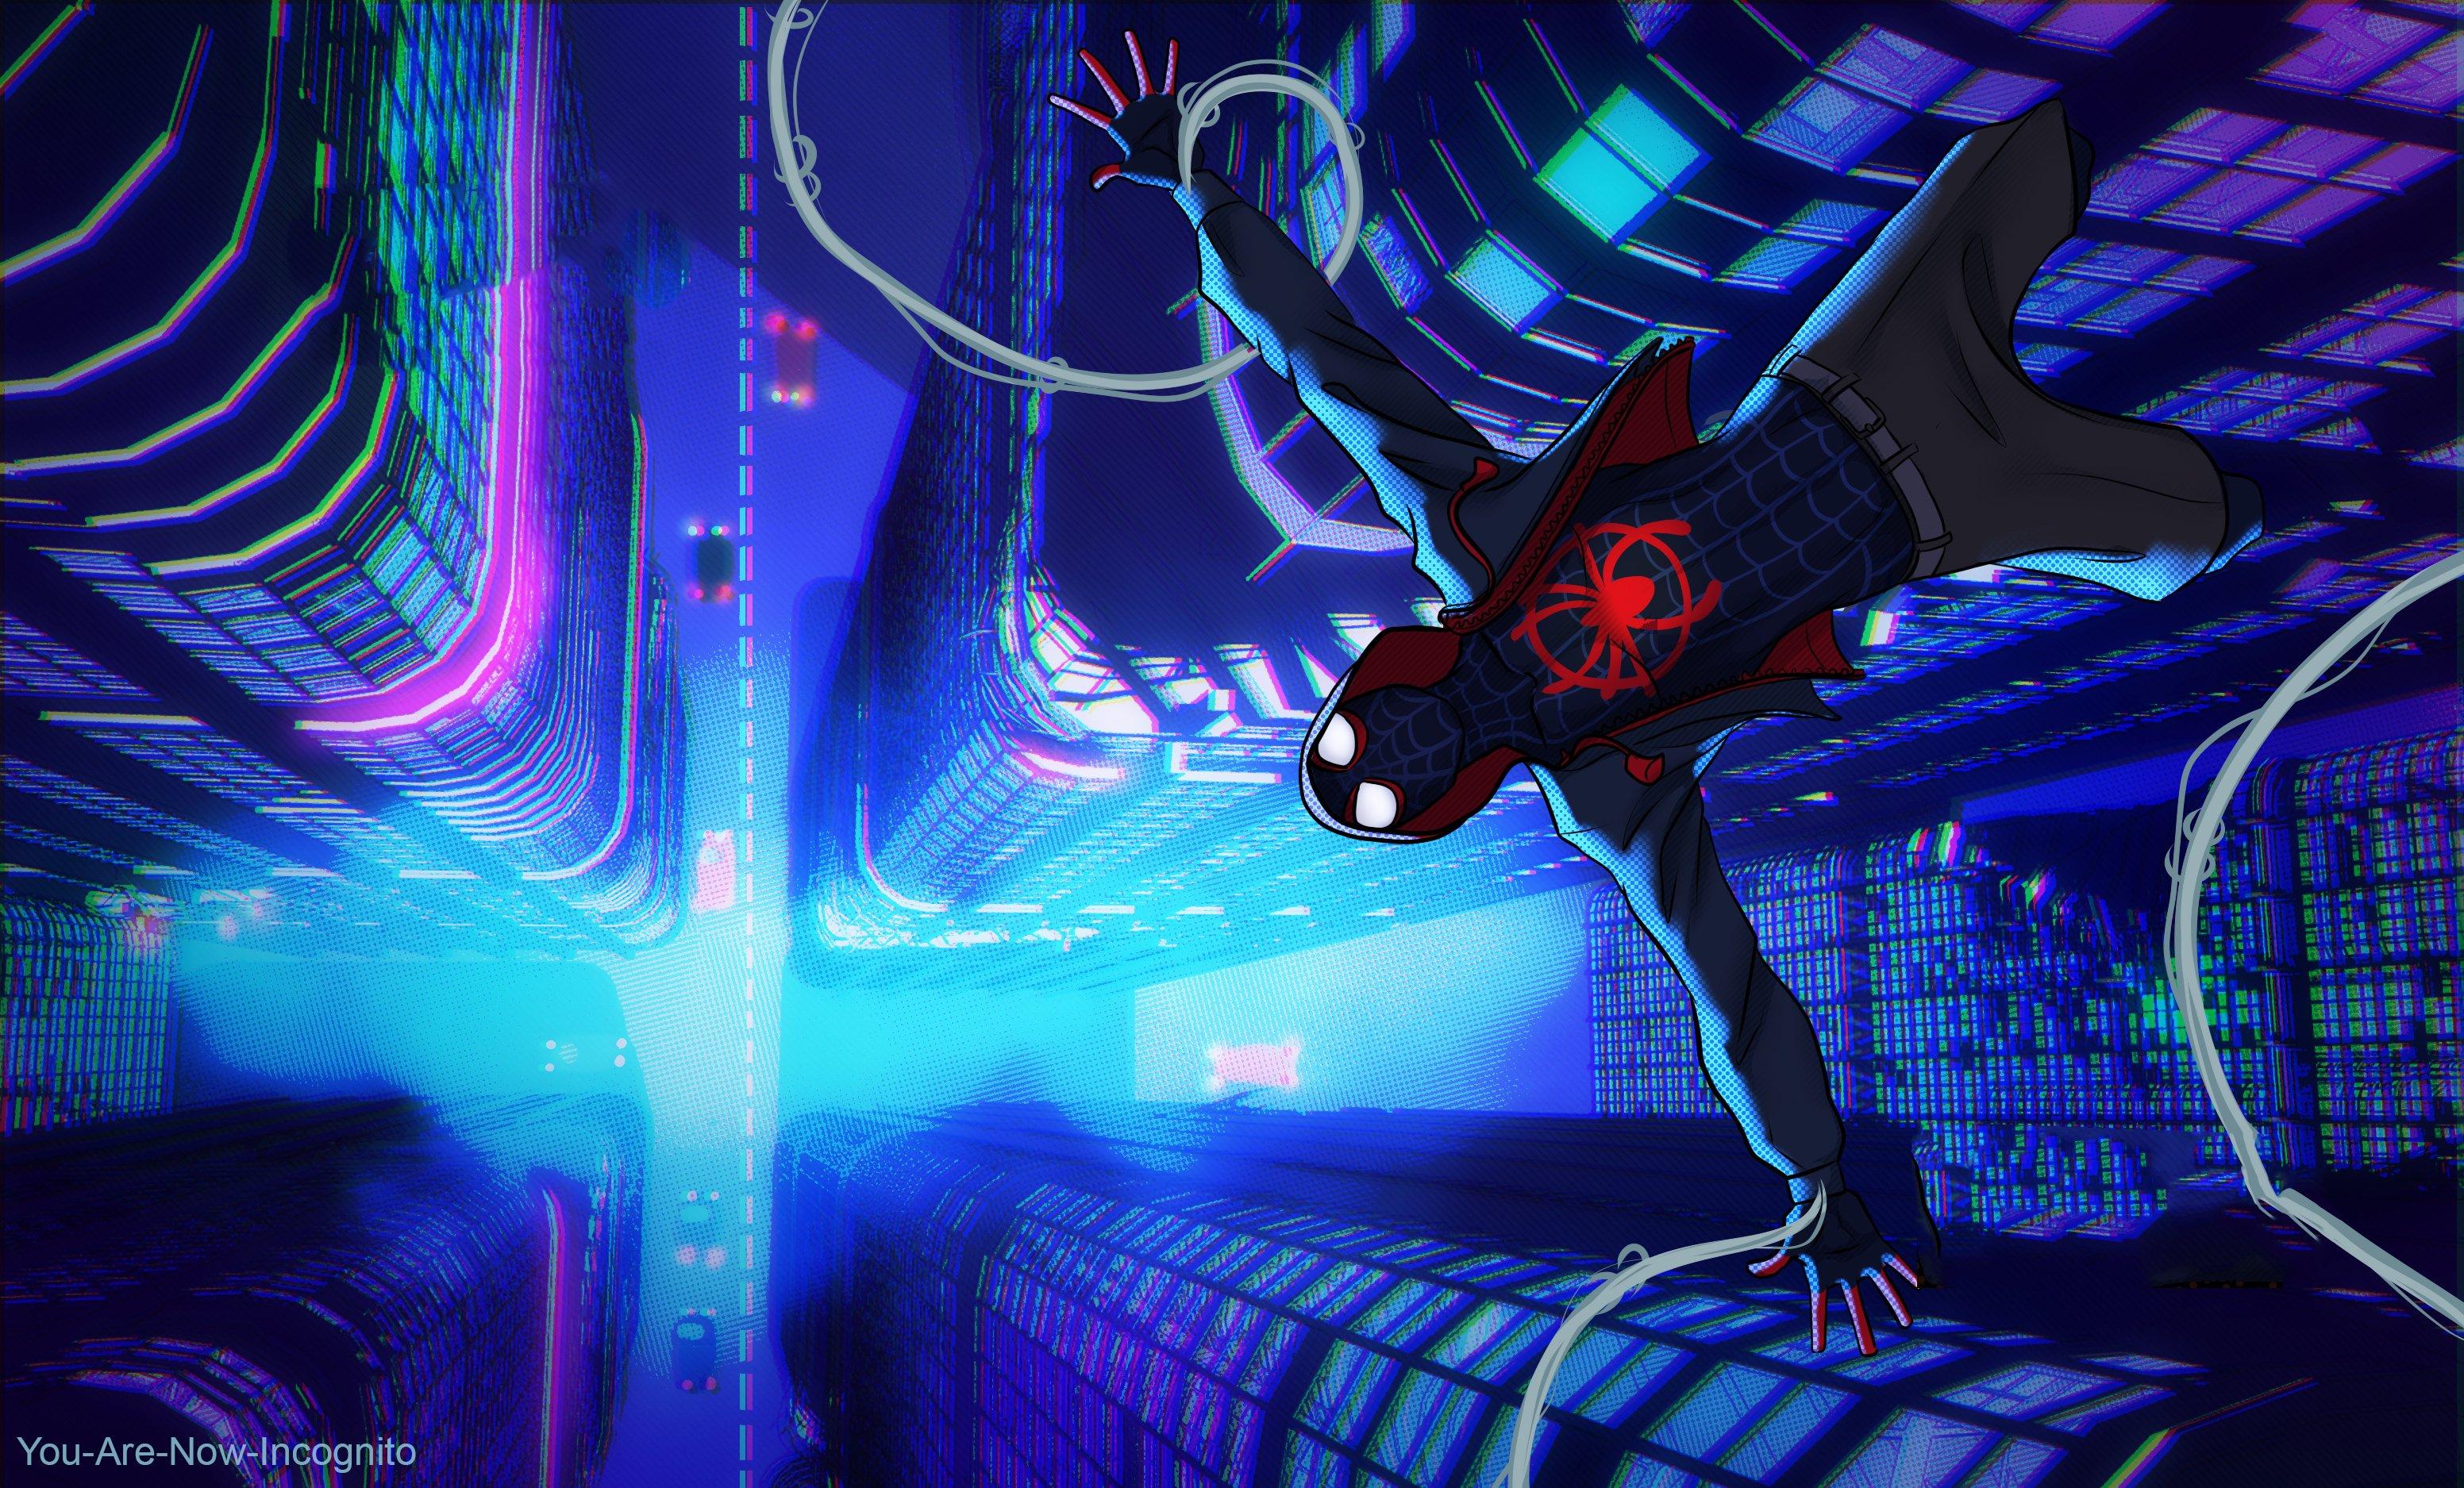 Fondos de pantalla Miles Morales en Spider-Man Un nuevo universo